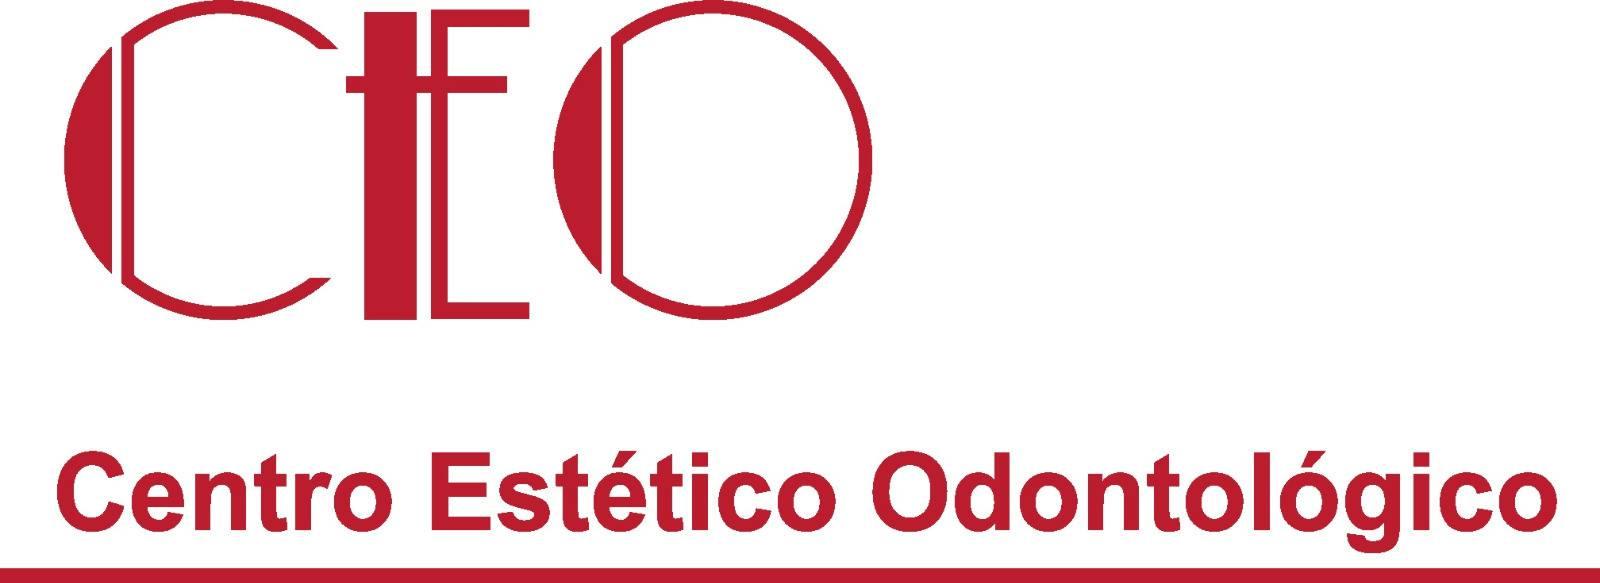 centro estetico odontologico